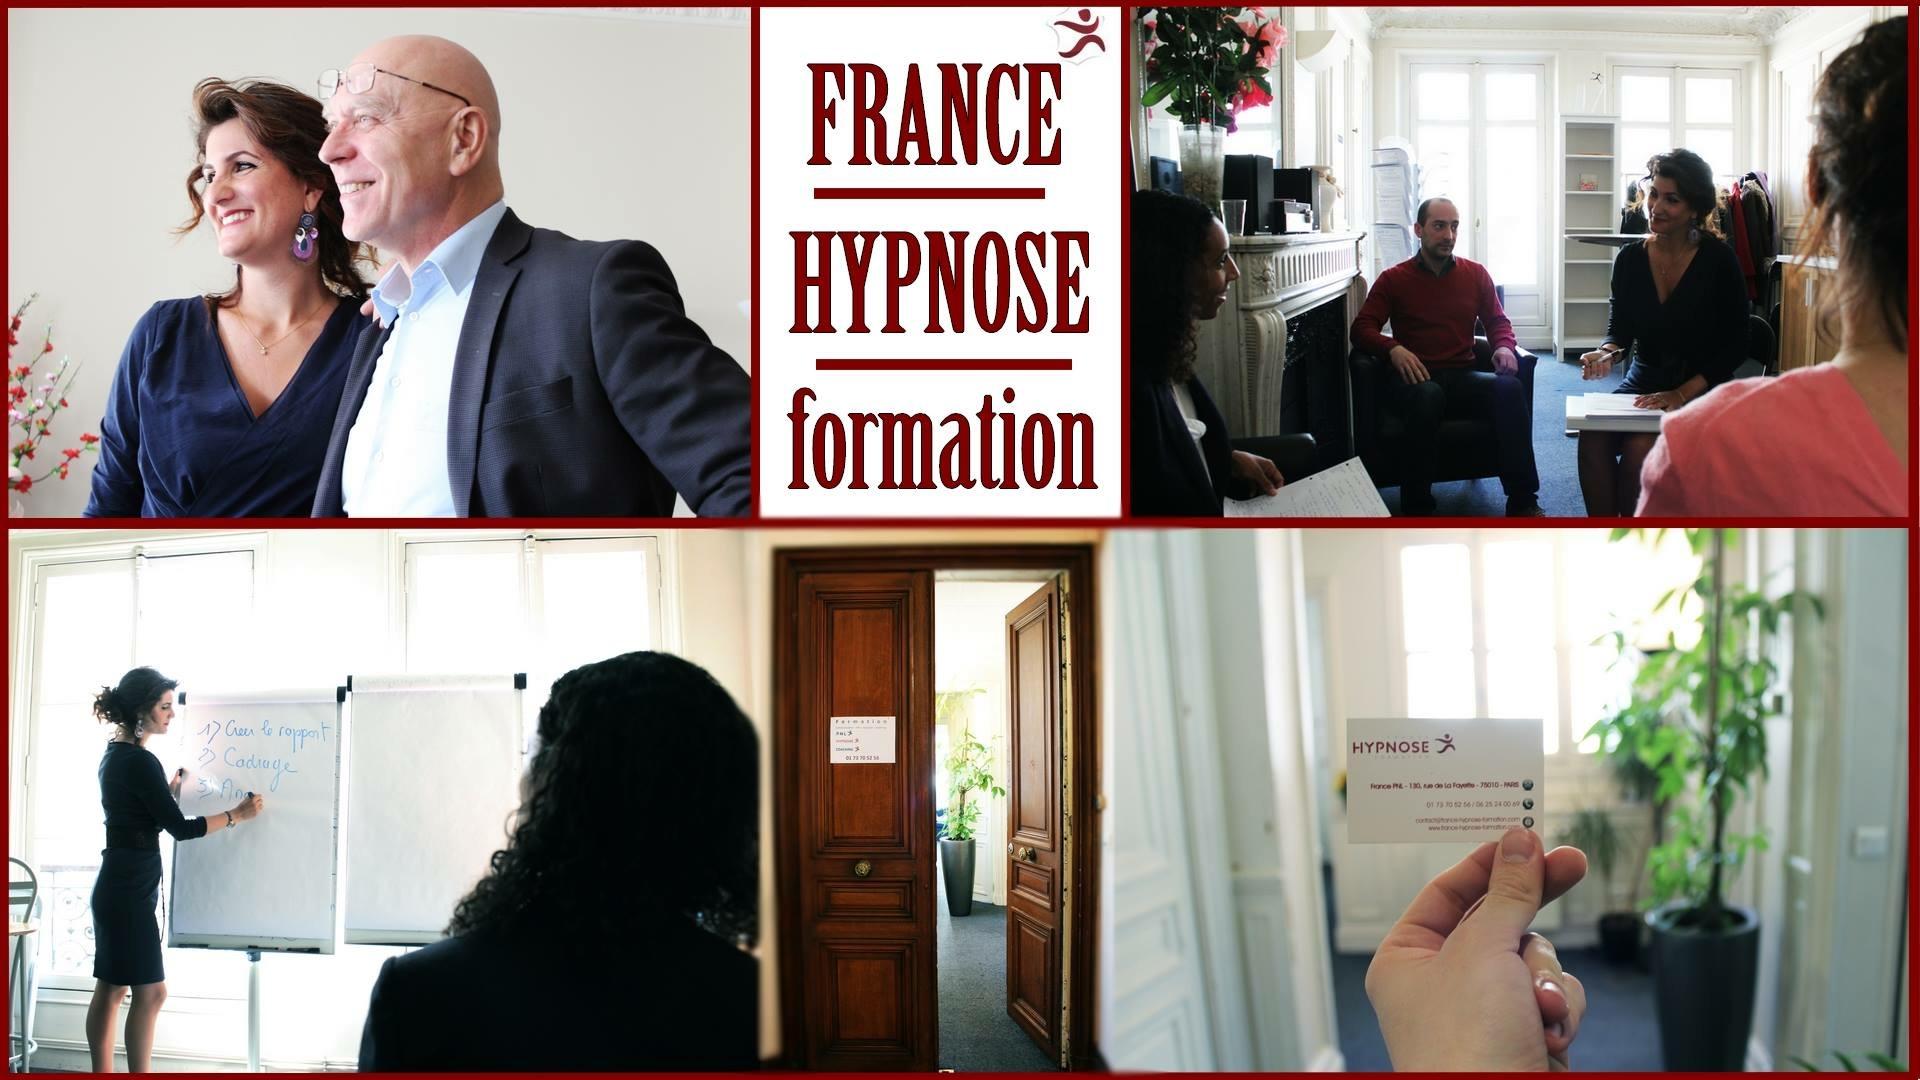 Maître praticien en hypnose début le 30 septembre